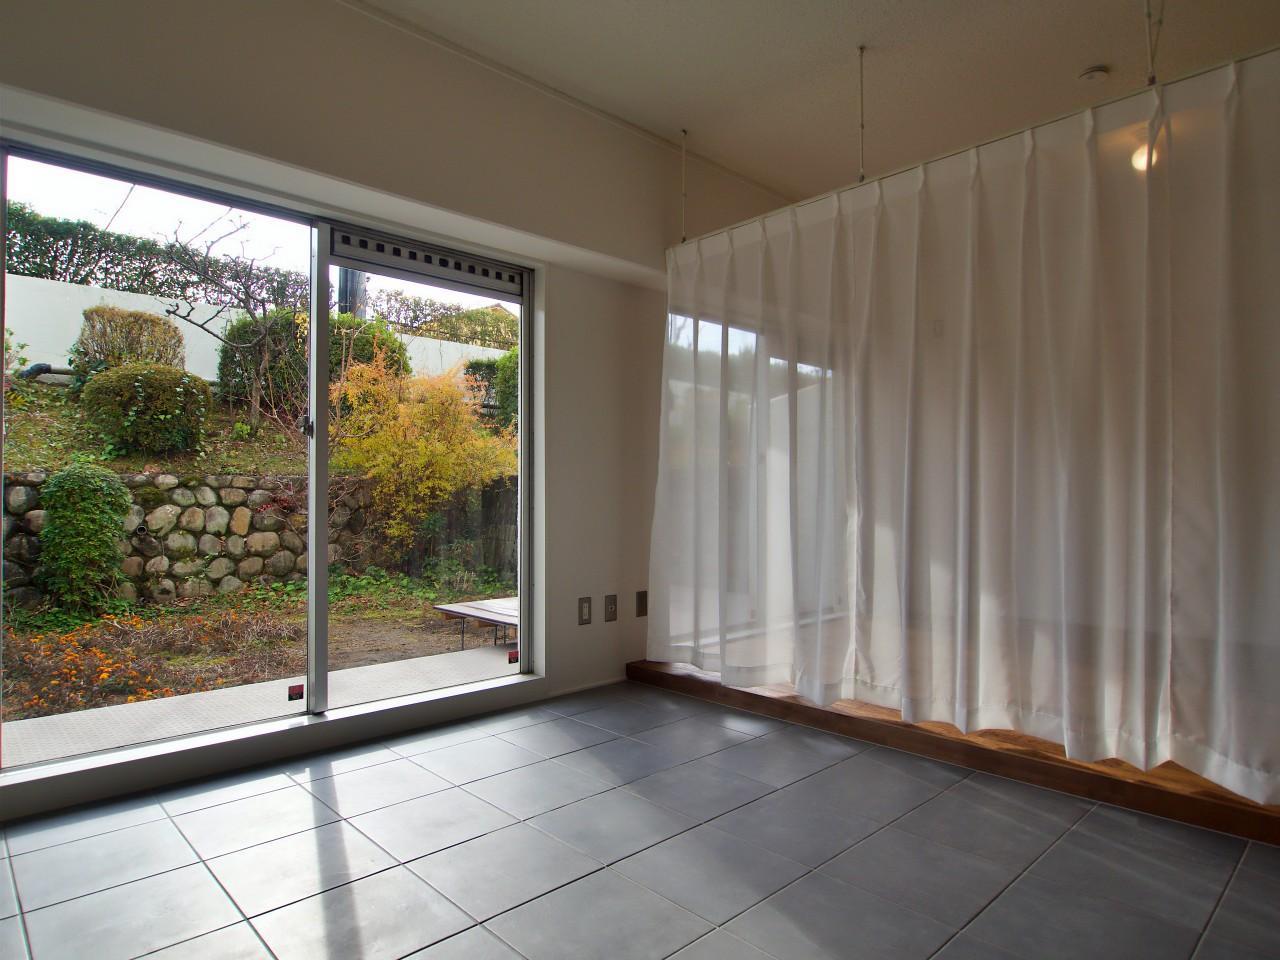 広い空間ですが、カーテンや家具でゆるく間仕切ることも